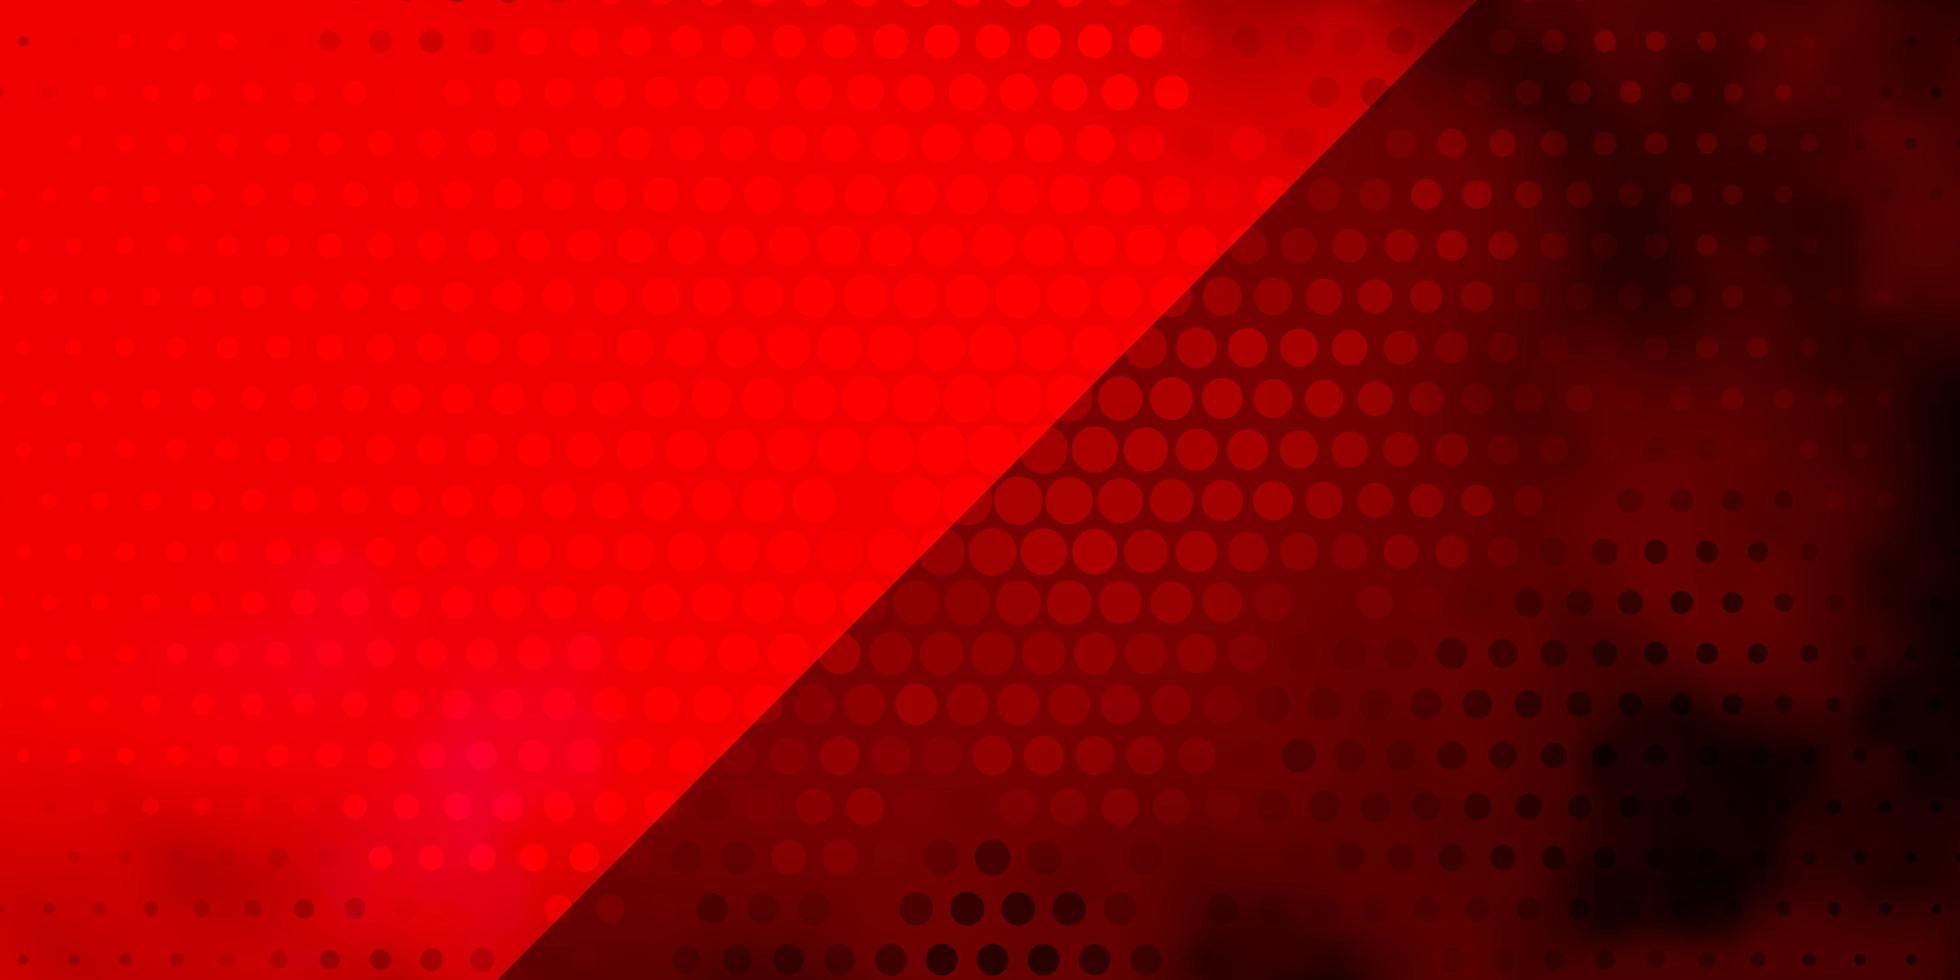 fond de vecteur rose clair, rouge avec des cercles.